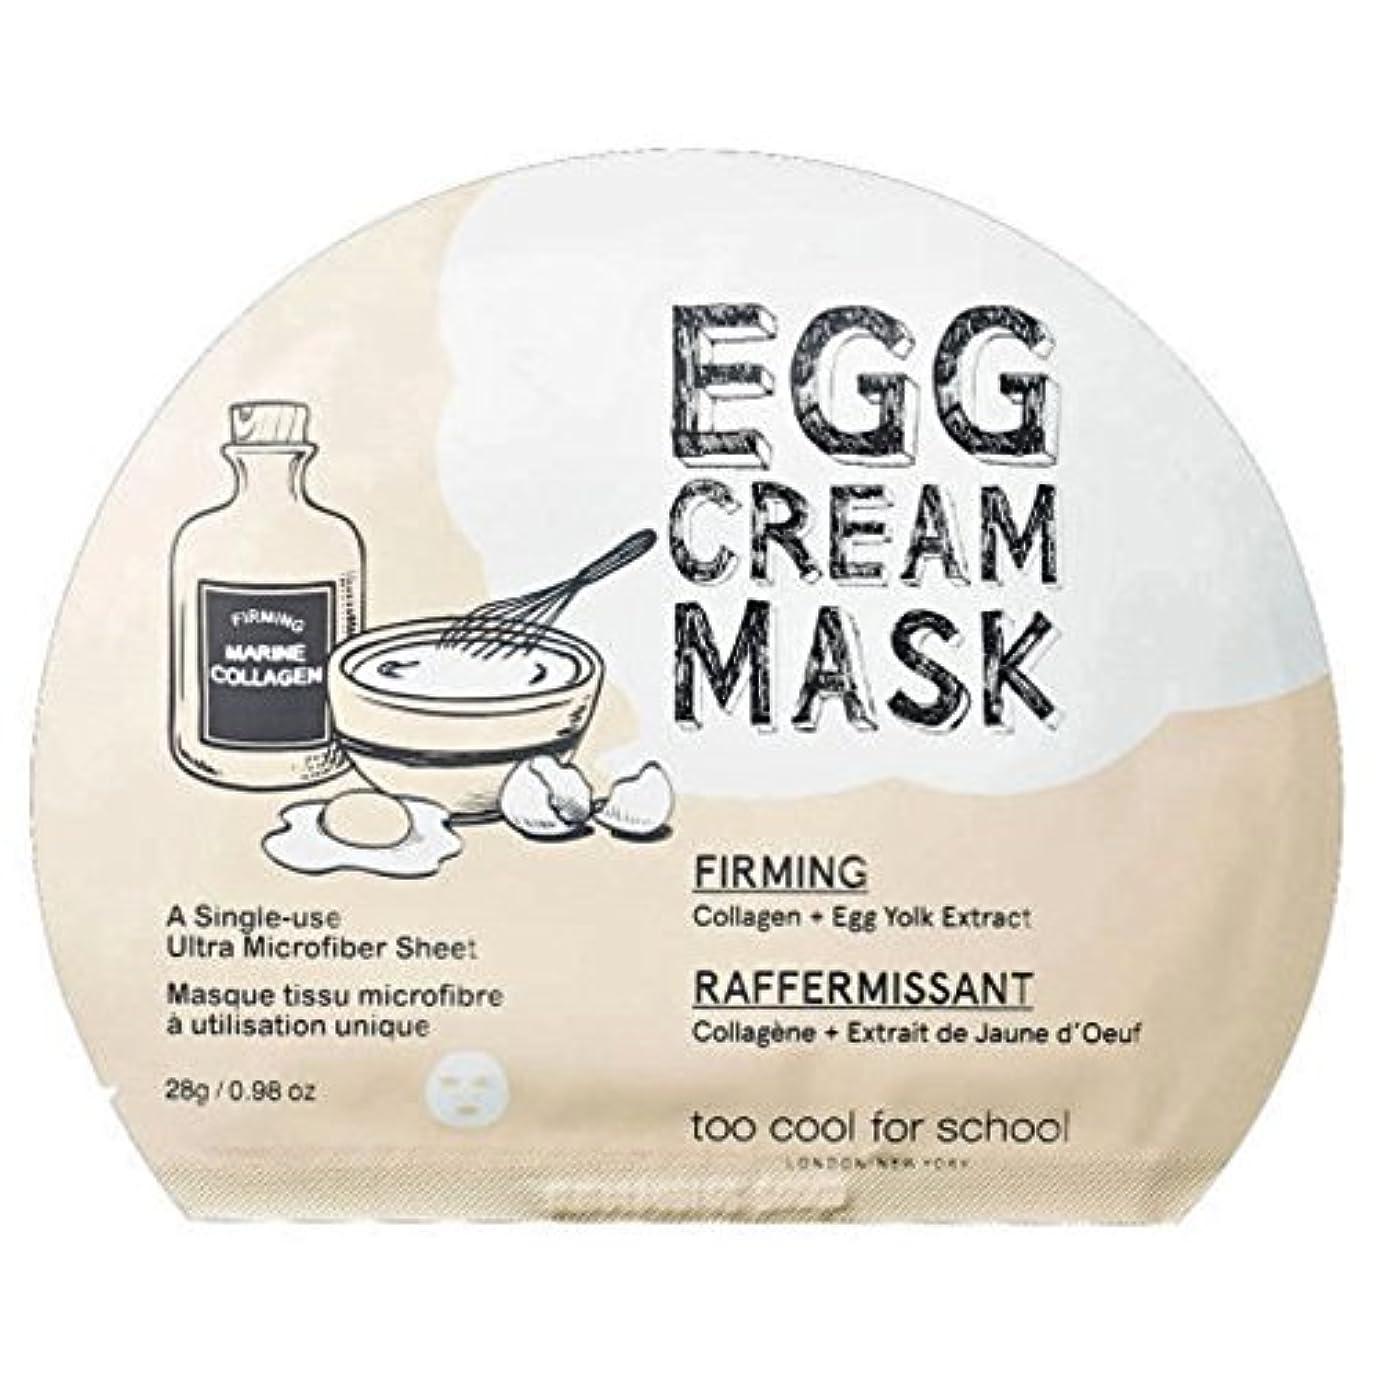 ブラケット置換スペア[New] too cool for school Egg Cream Mask (Firming) 28g × 5ea/トゥークール フォースクール エッグ クリーム マスク (ファーミング) 28g × 5枚